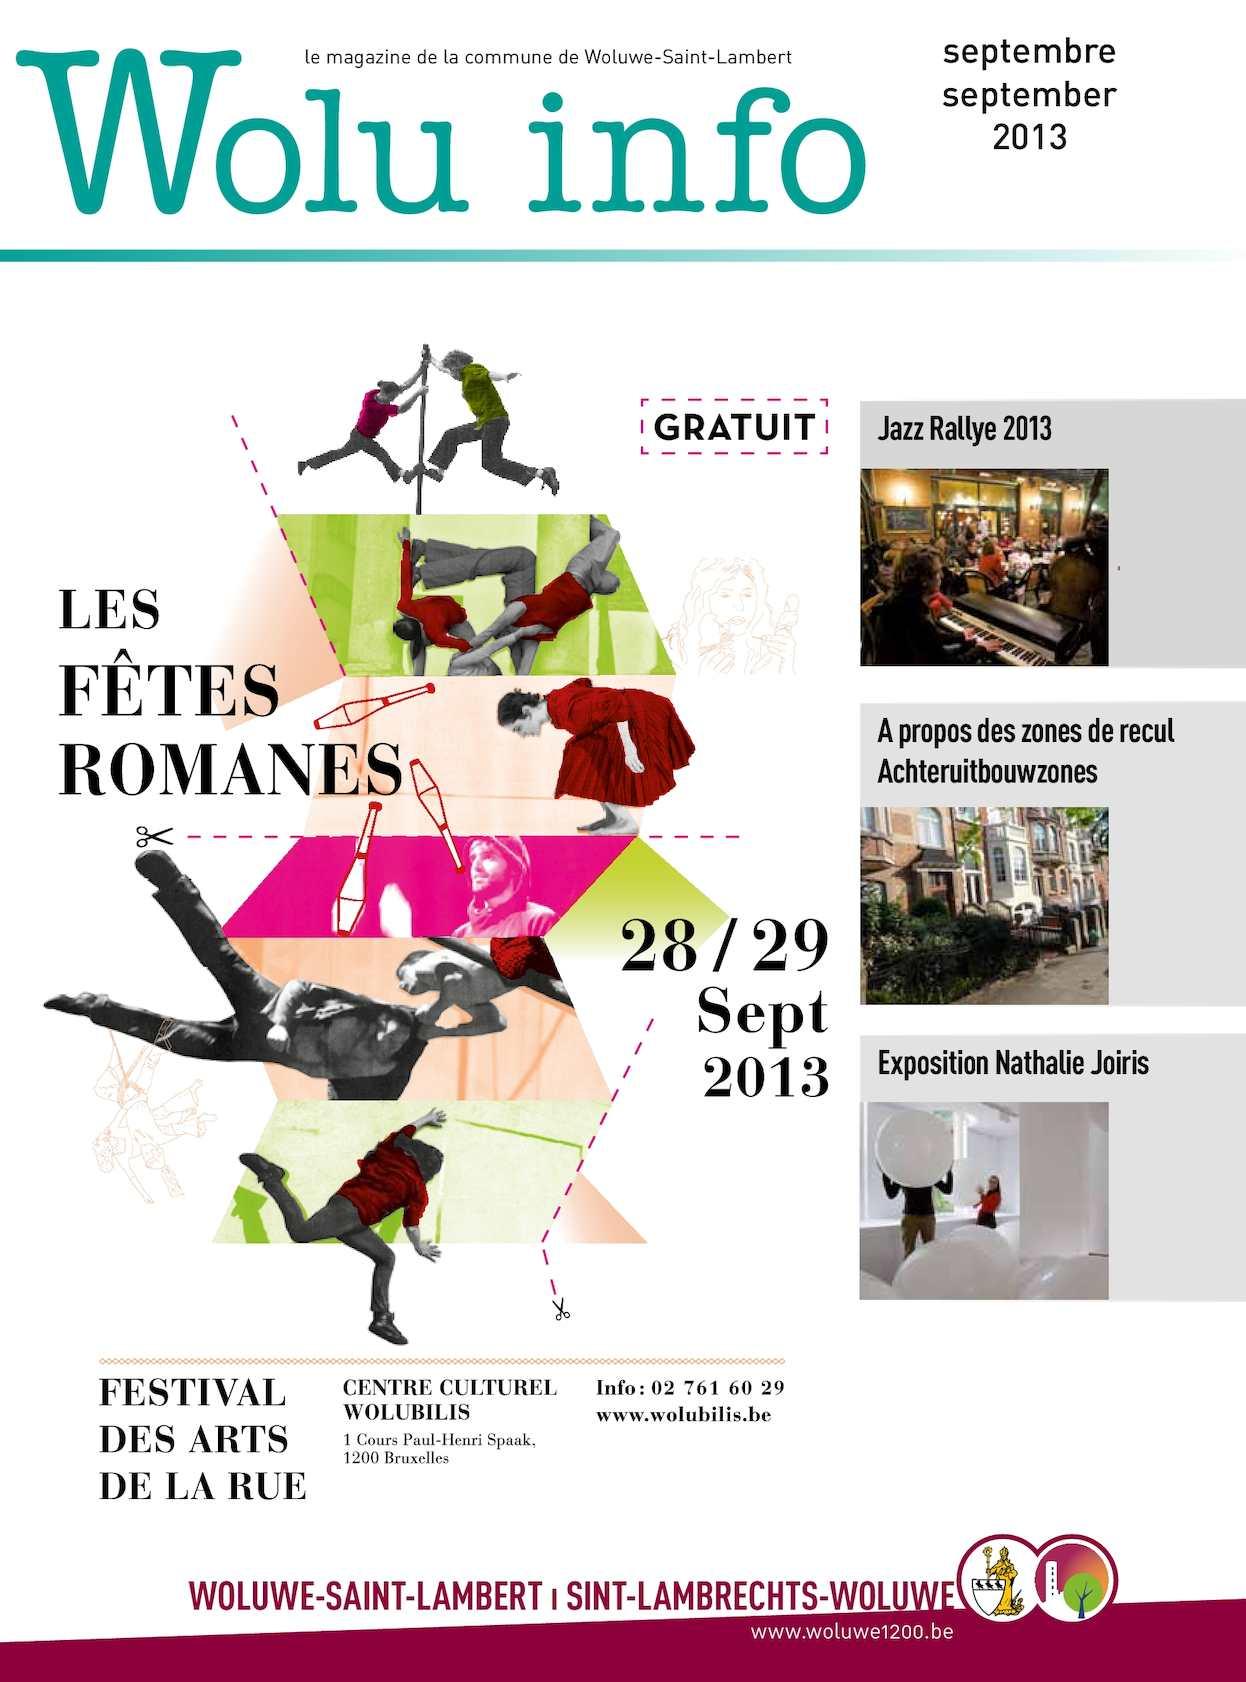 site de rencontre extra conjugale france totalement gratuite malines